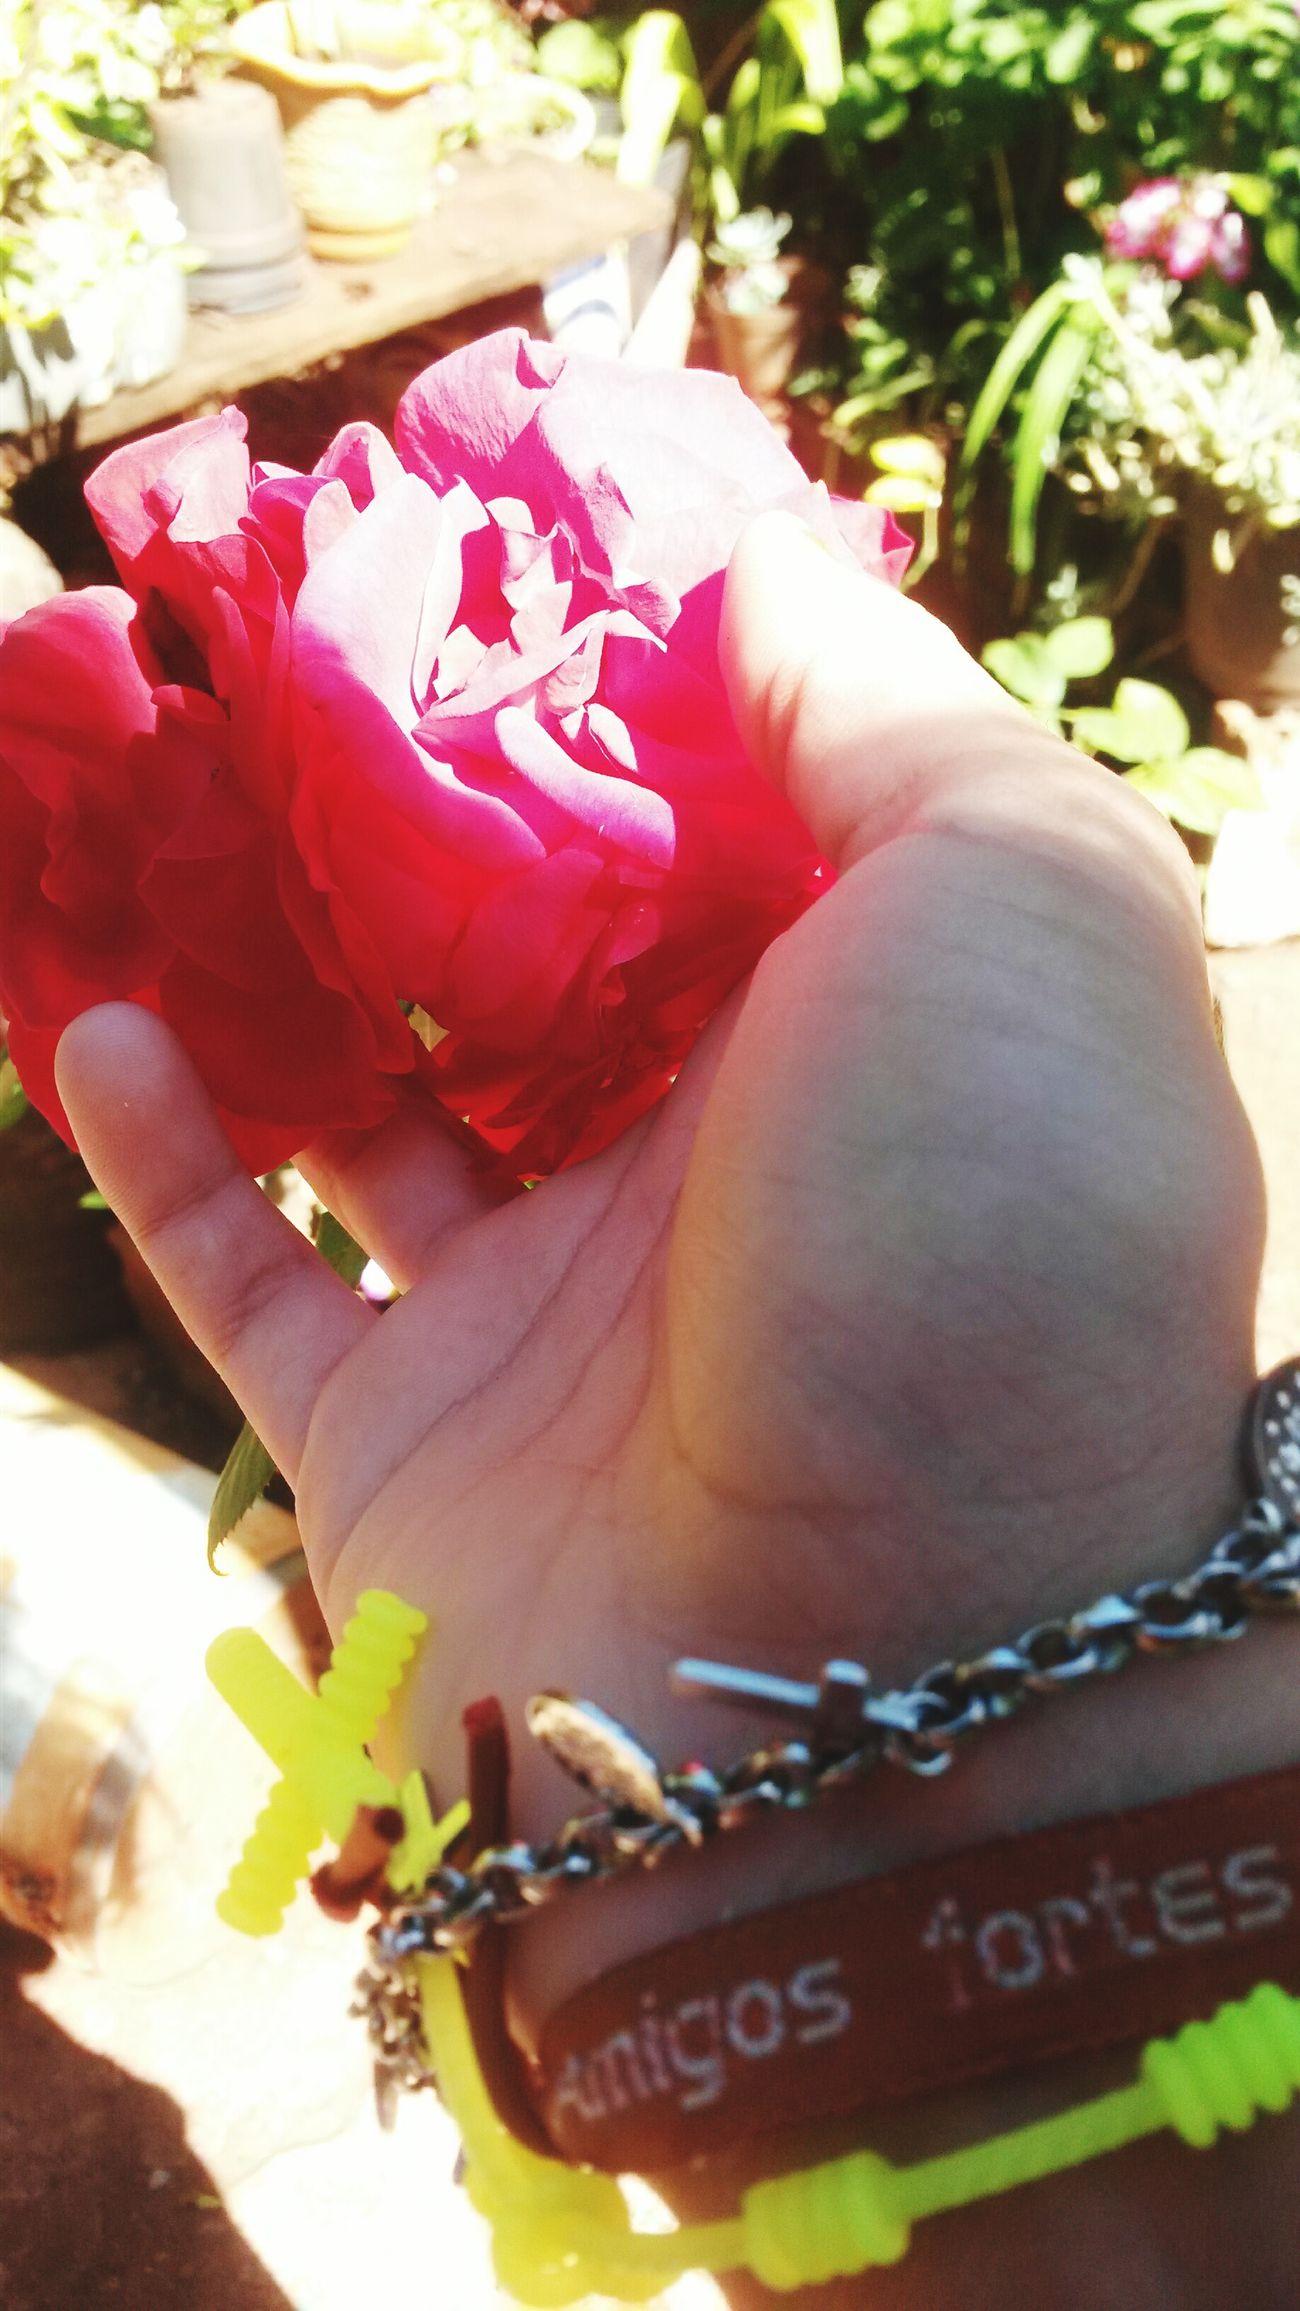 Meu bem, eu te desejo flores.. Exploring First Eyeem Photo